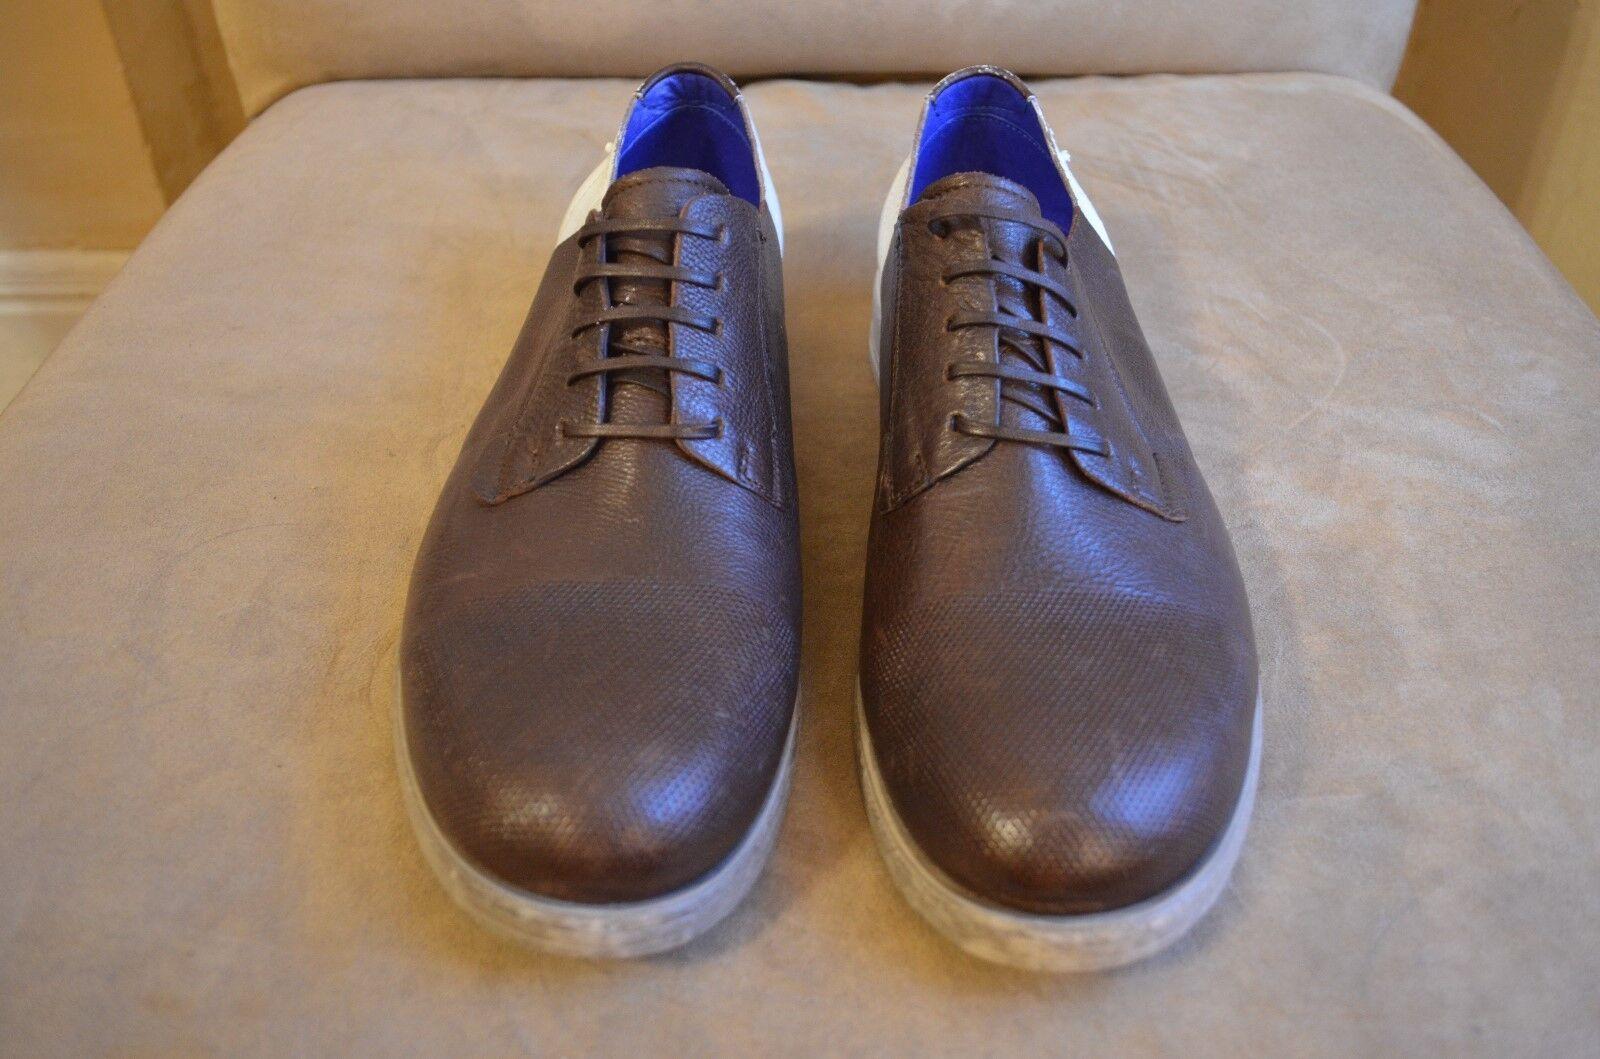 Bloque de Color marrón DIESEL blancooo Marrón Cuero Perforado Punta corte inglés Oxford Zapatos 11 44